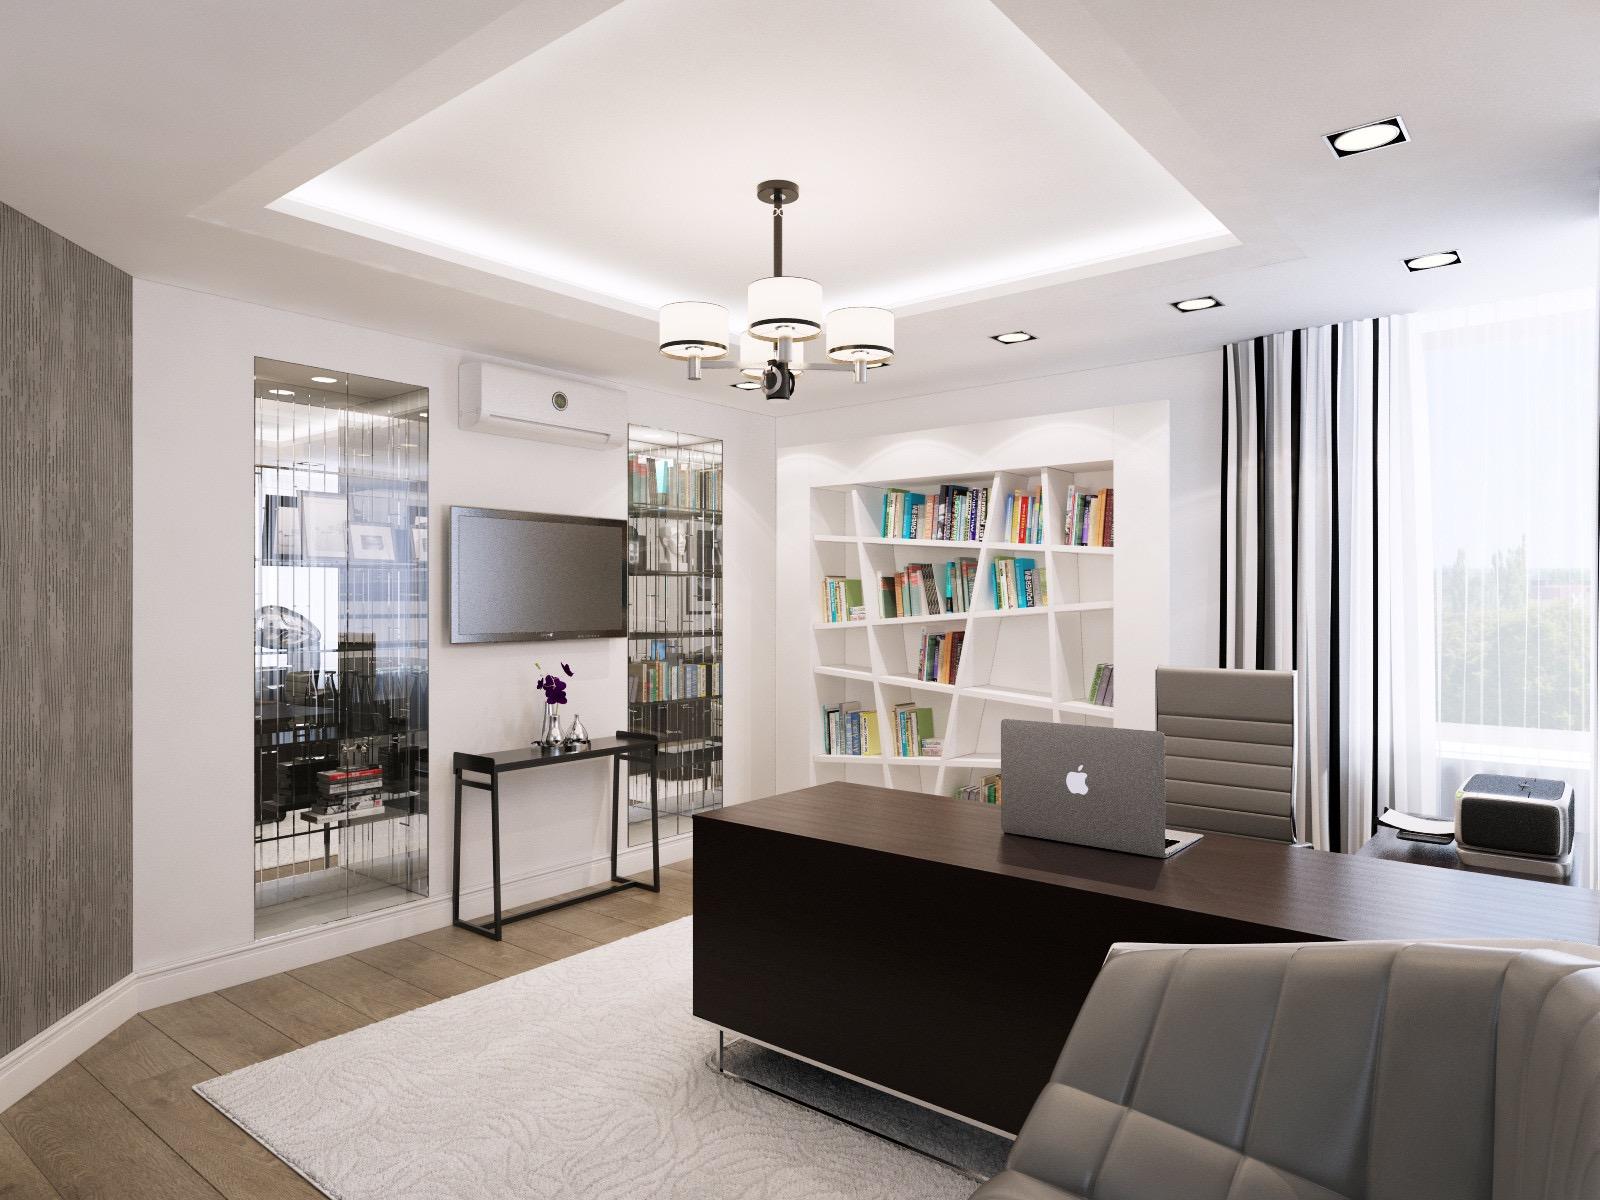 11 Desain Ruang Tamu Untuk Menonton Tv # Meuble Tv Ypster